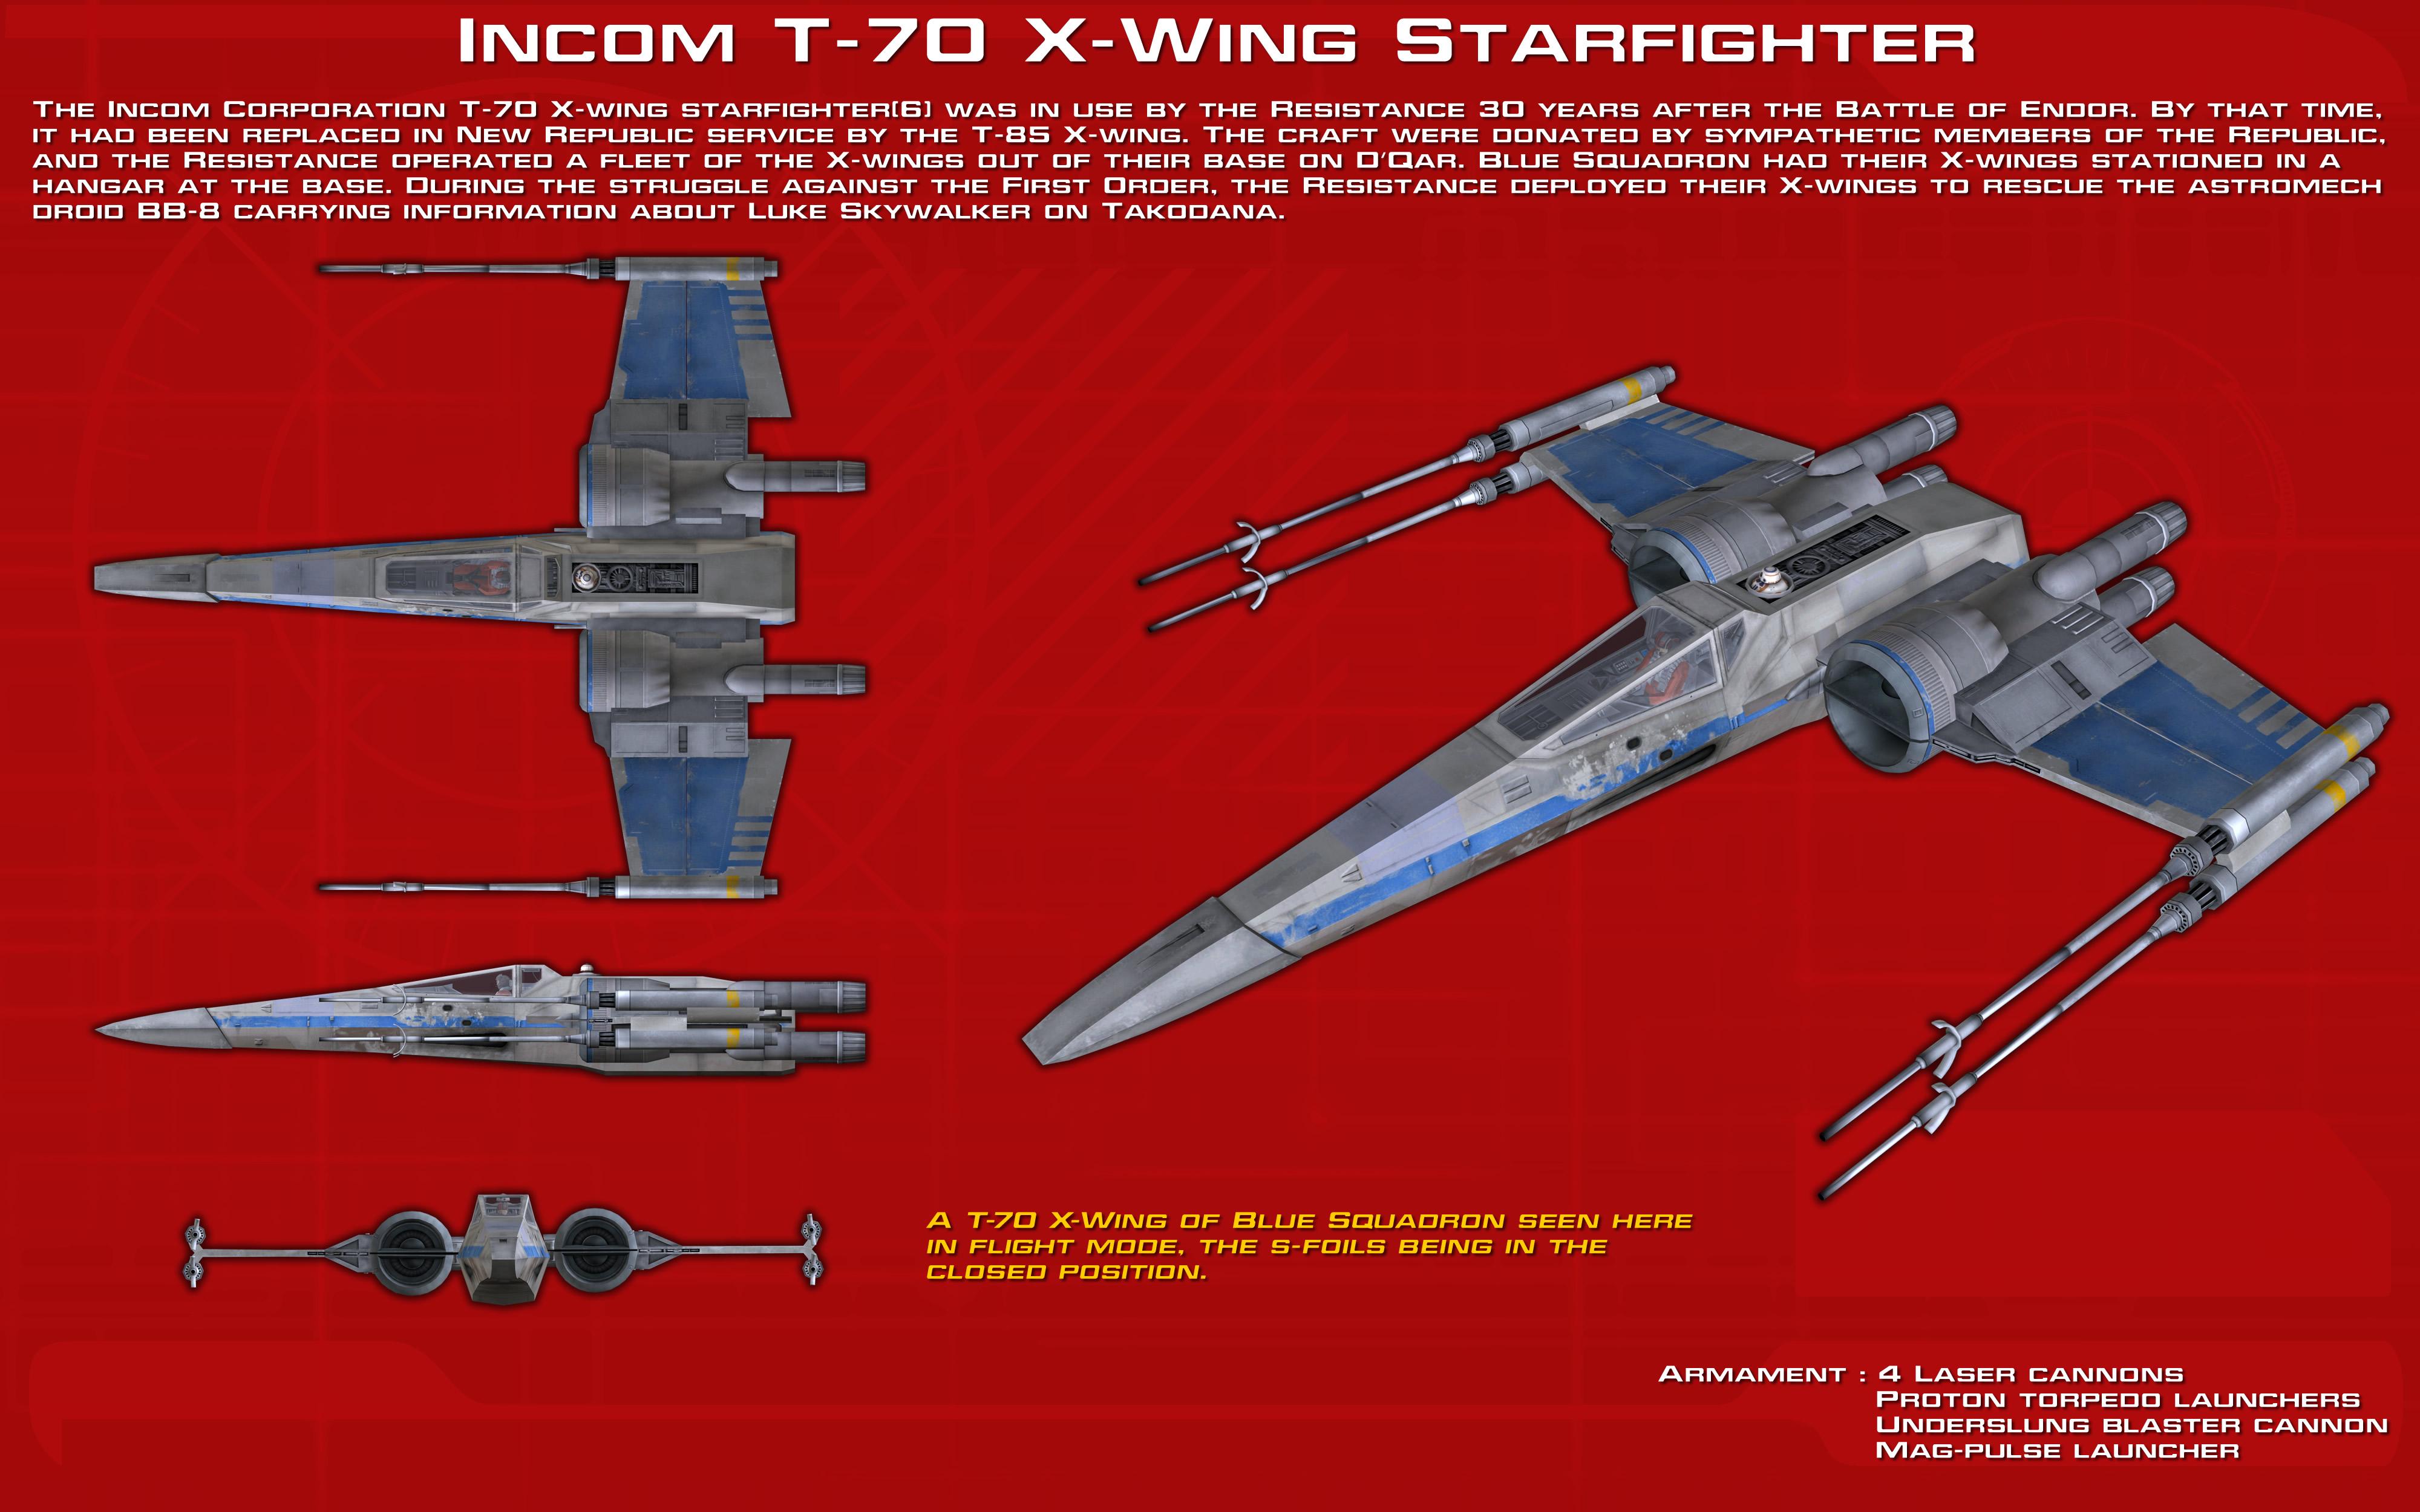 Incom T-70 X-Wing Starfighter ortho [2][Update] by unusualsuspex on on tie interceptor schematics, at-at schematics, slave 1 schematics, minecraft schematics, y-wing schematics, a wing fighter schematics, halo warthog schematics, b-wing schematics,